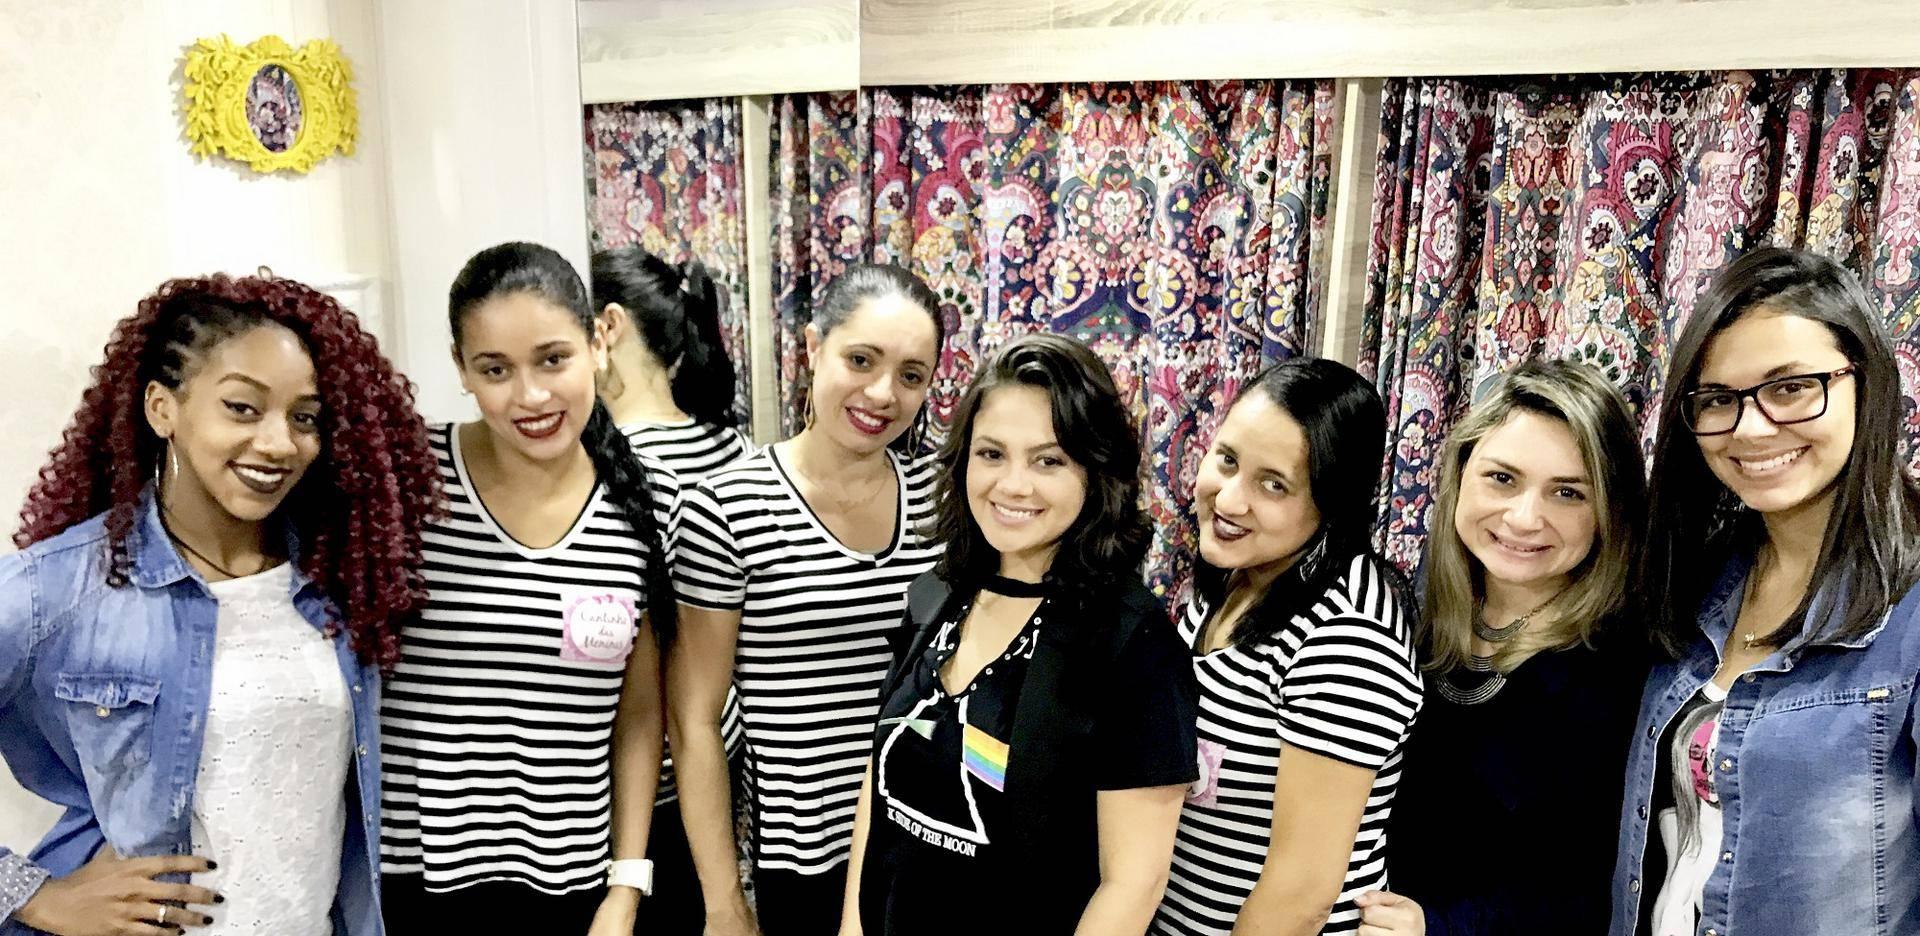 www.juicysantos.com.br - cantinho das meninas